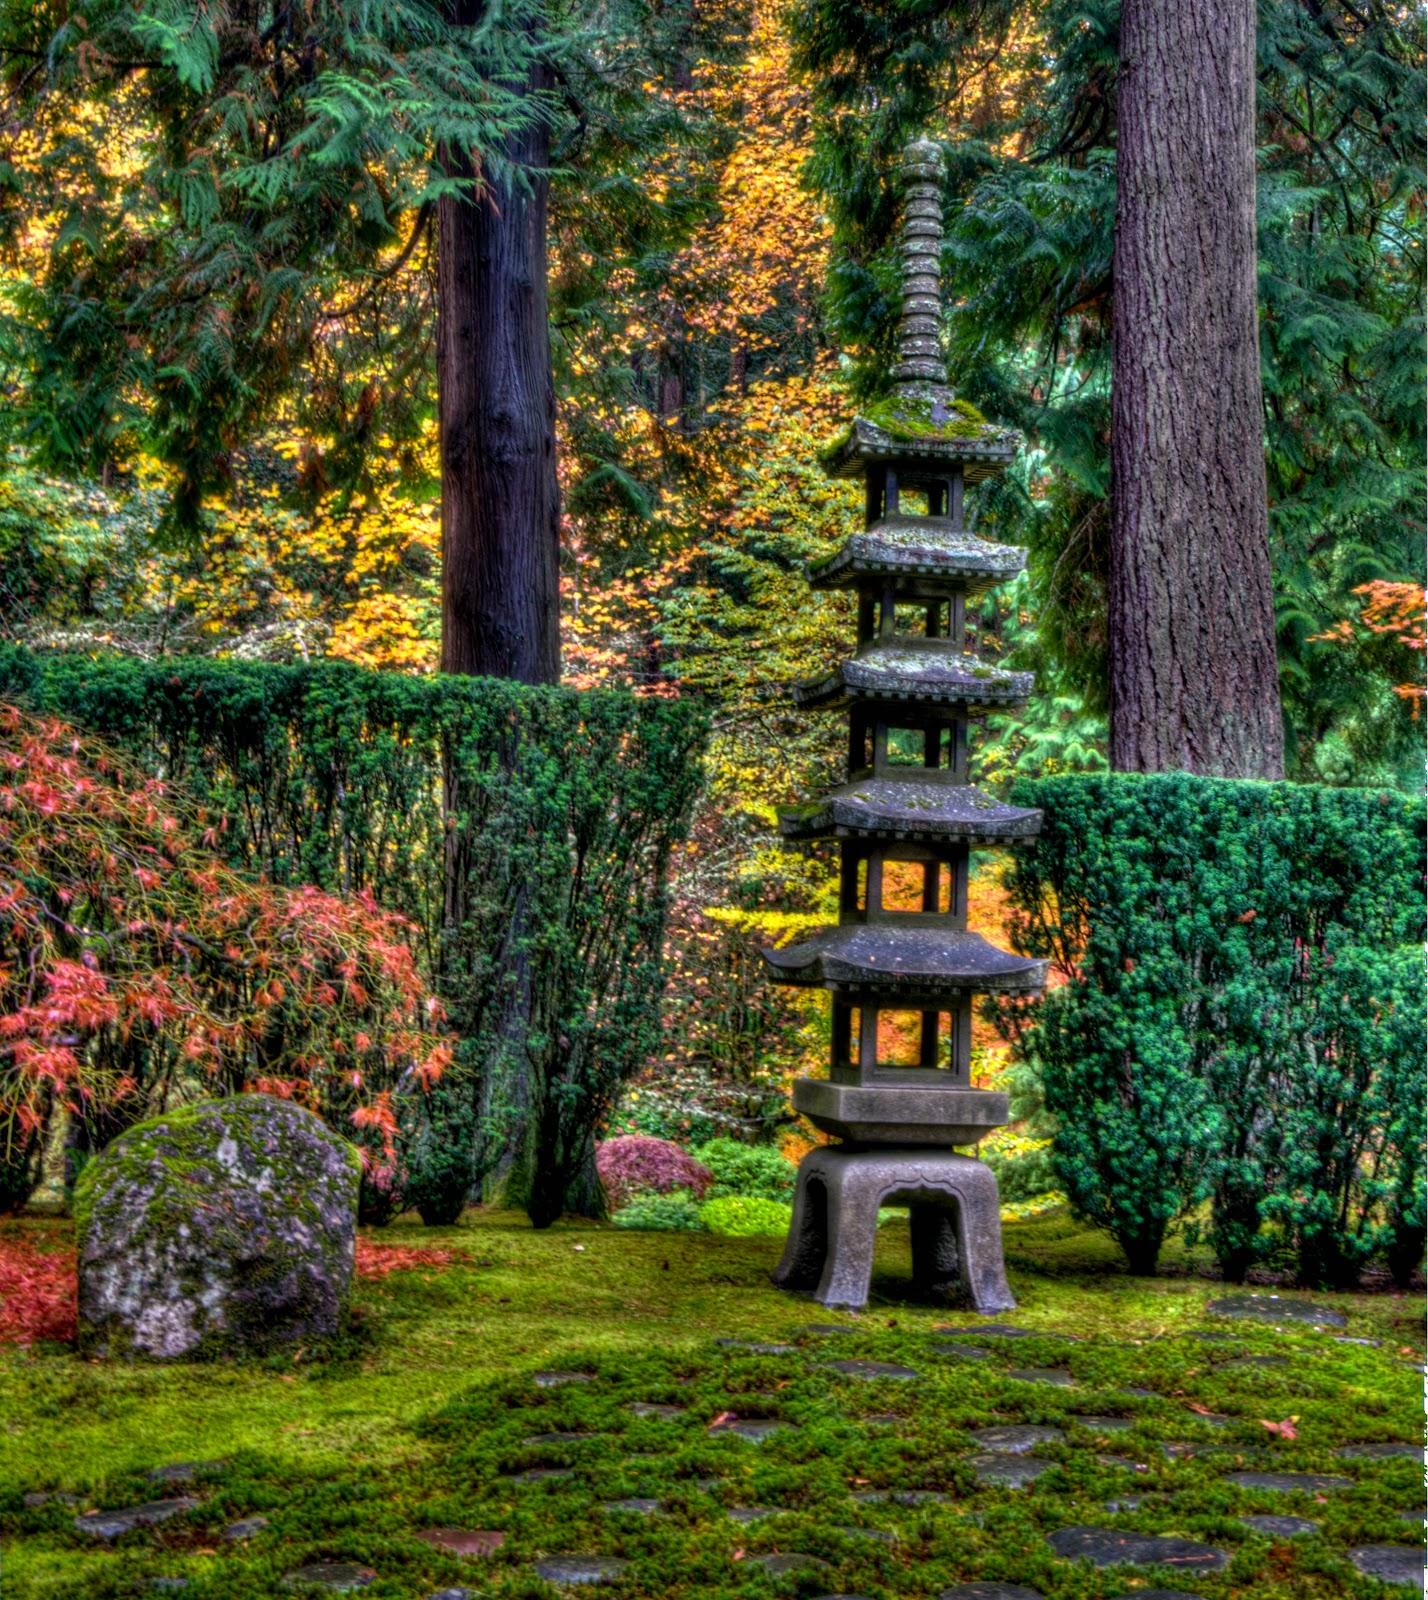 Thom zehrfeld photography japanese gardens portland part 5 for Japanese garden portland oregon